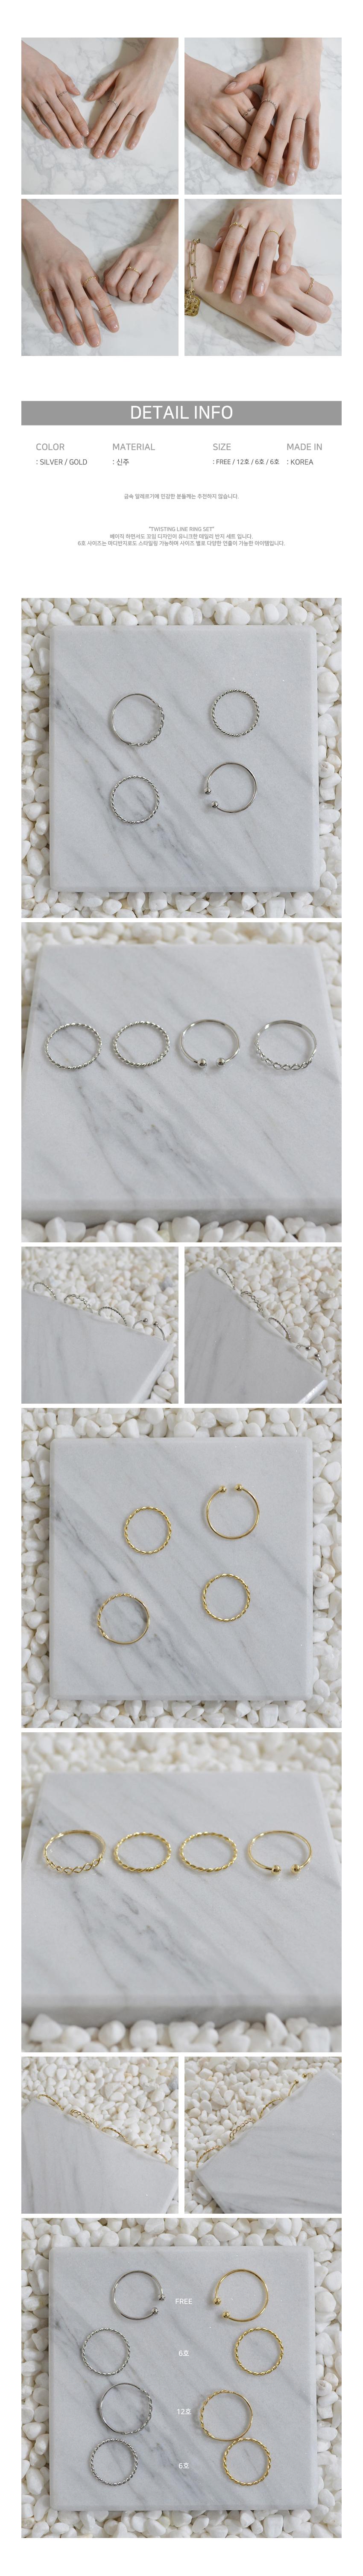 트위스팅 라인 반지 세트 - 트리플팸, 11,000원, 패션, 패션반지